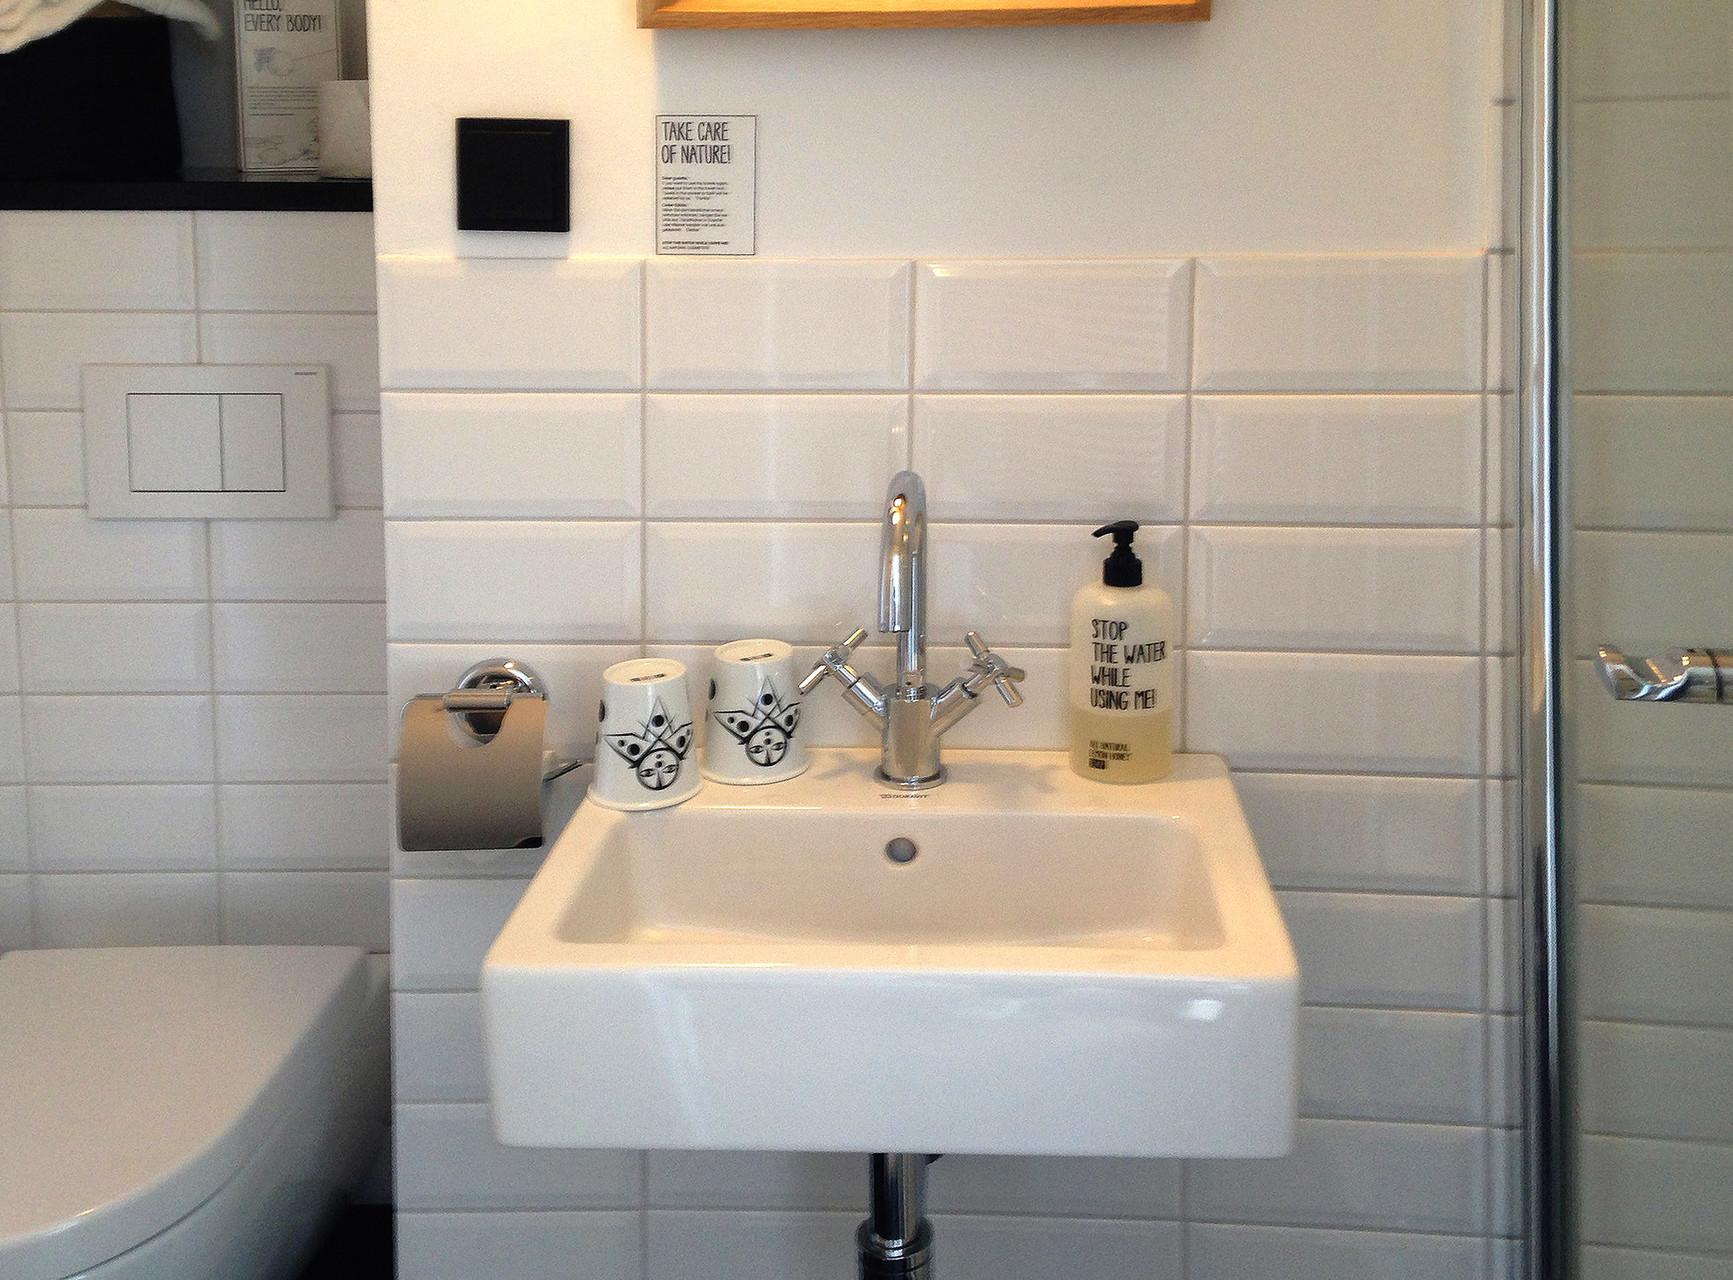 Ich hätte nicht gedacht, dass es sooo kleine Badezimmer geben kann :-)